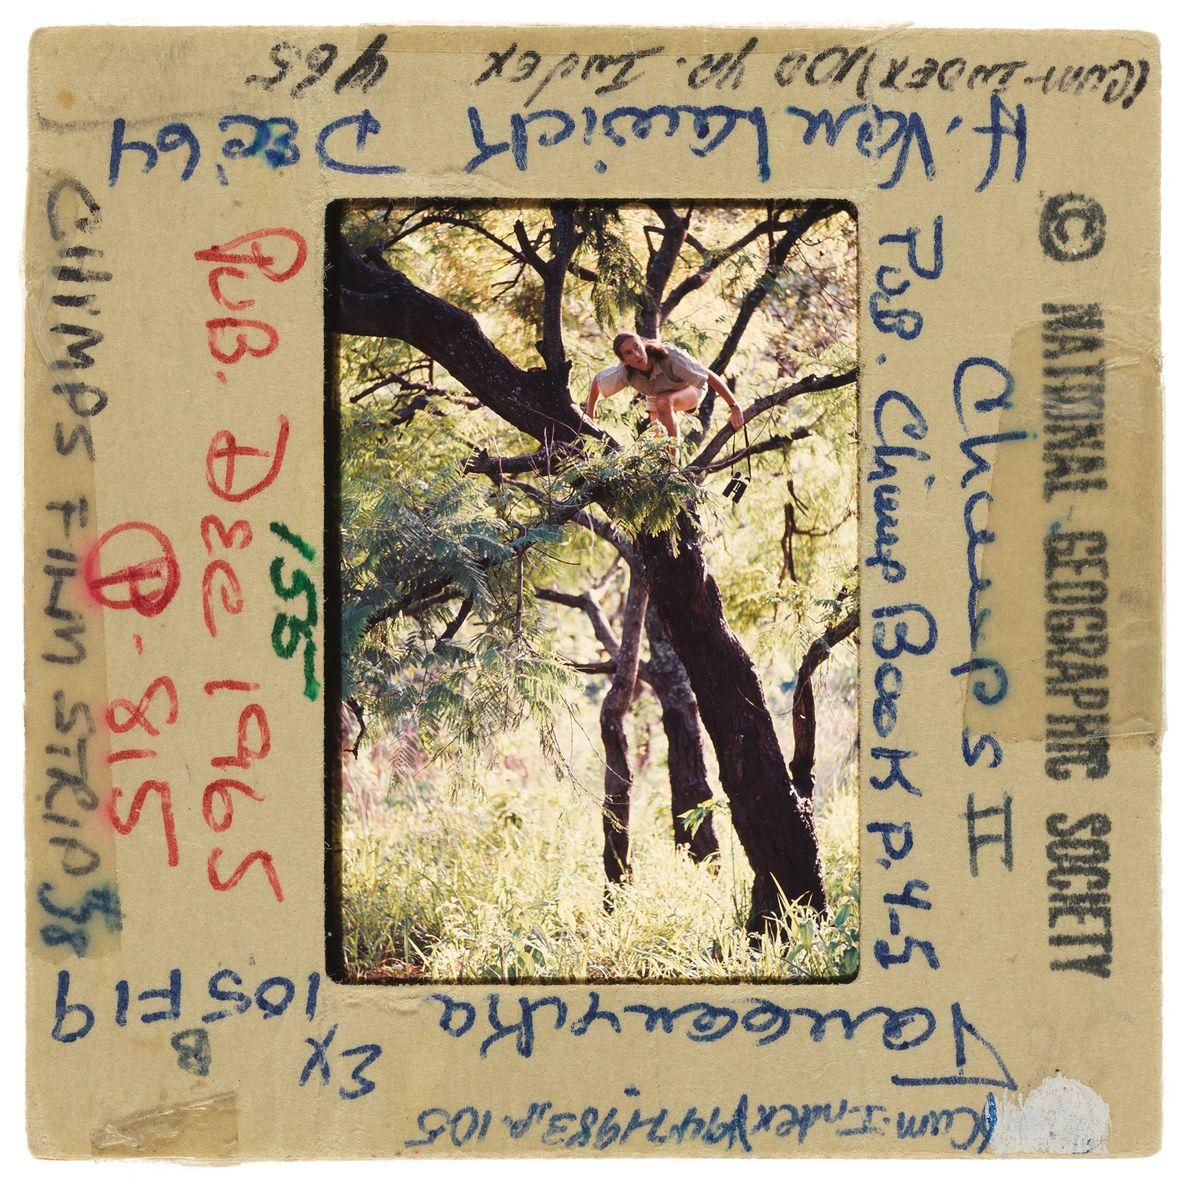 Jane Goodall grimpe dans un arbre équipée de jumelles afin d'avoir une meilleure vue des chimpanzés.